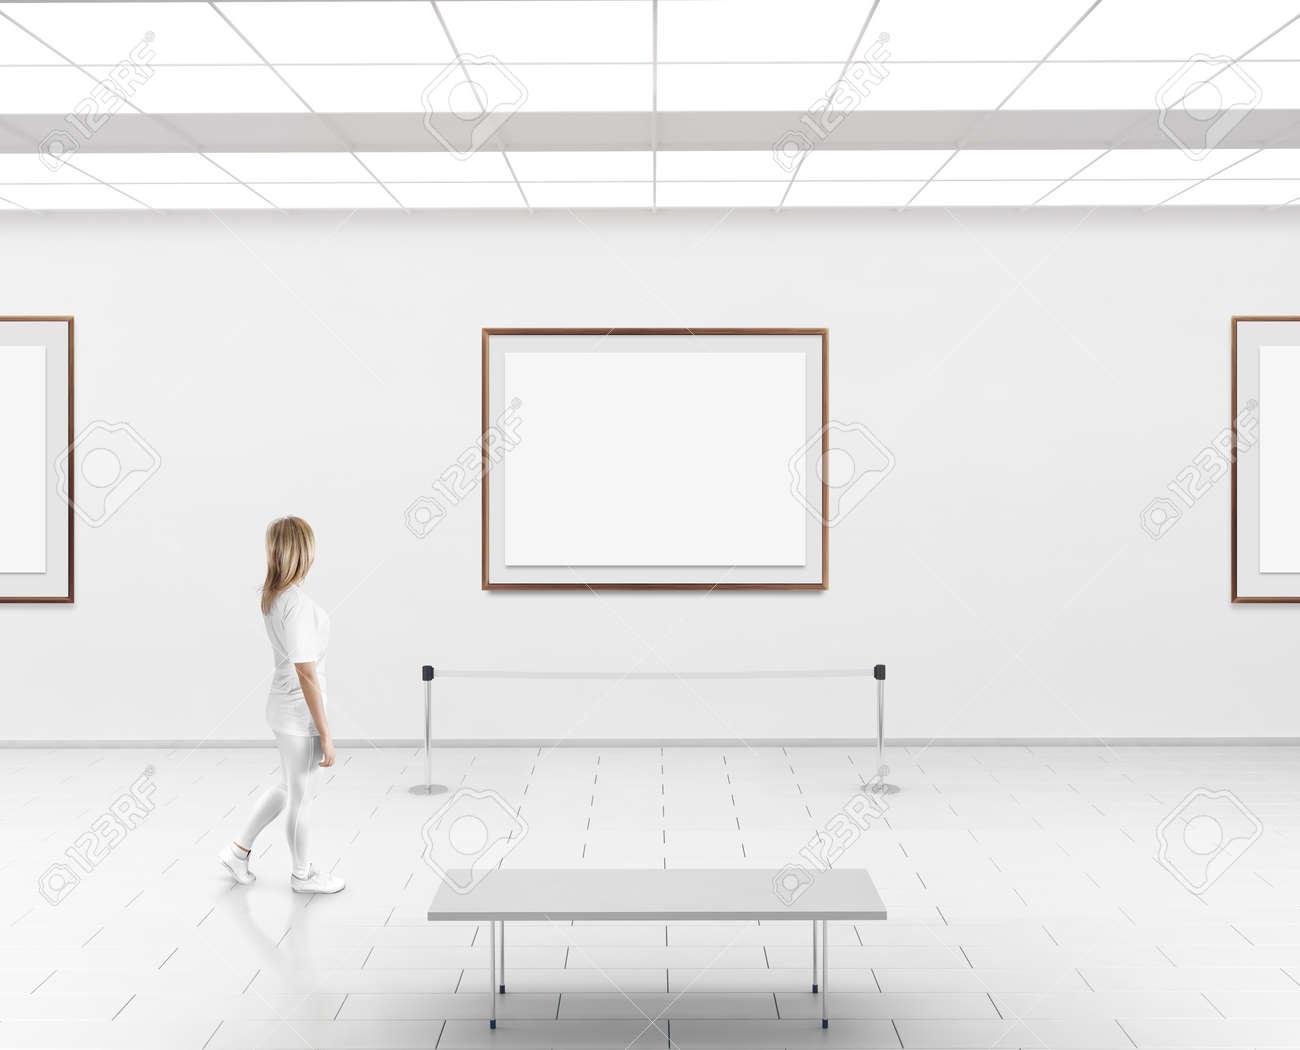 Moderne Galeriewand Mockup. Frau Zu Fuß In Der Museumshalle Mit ...